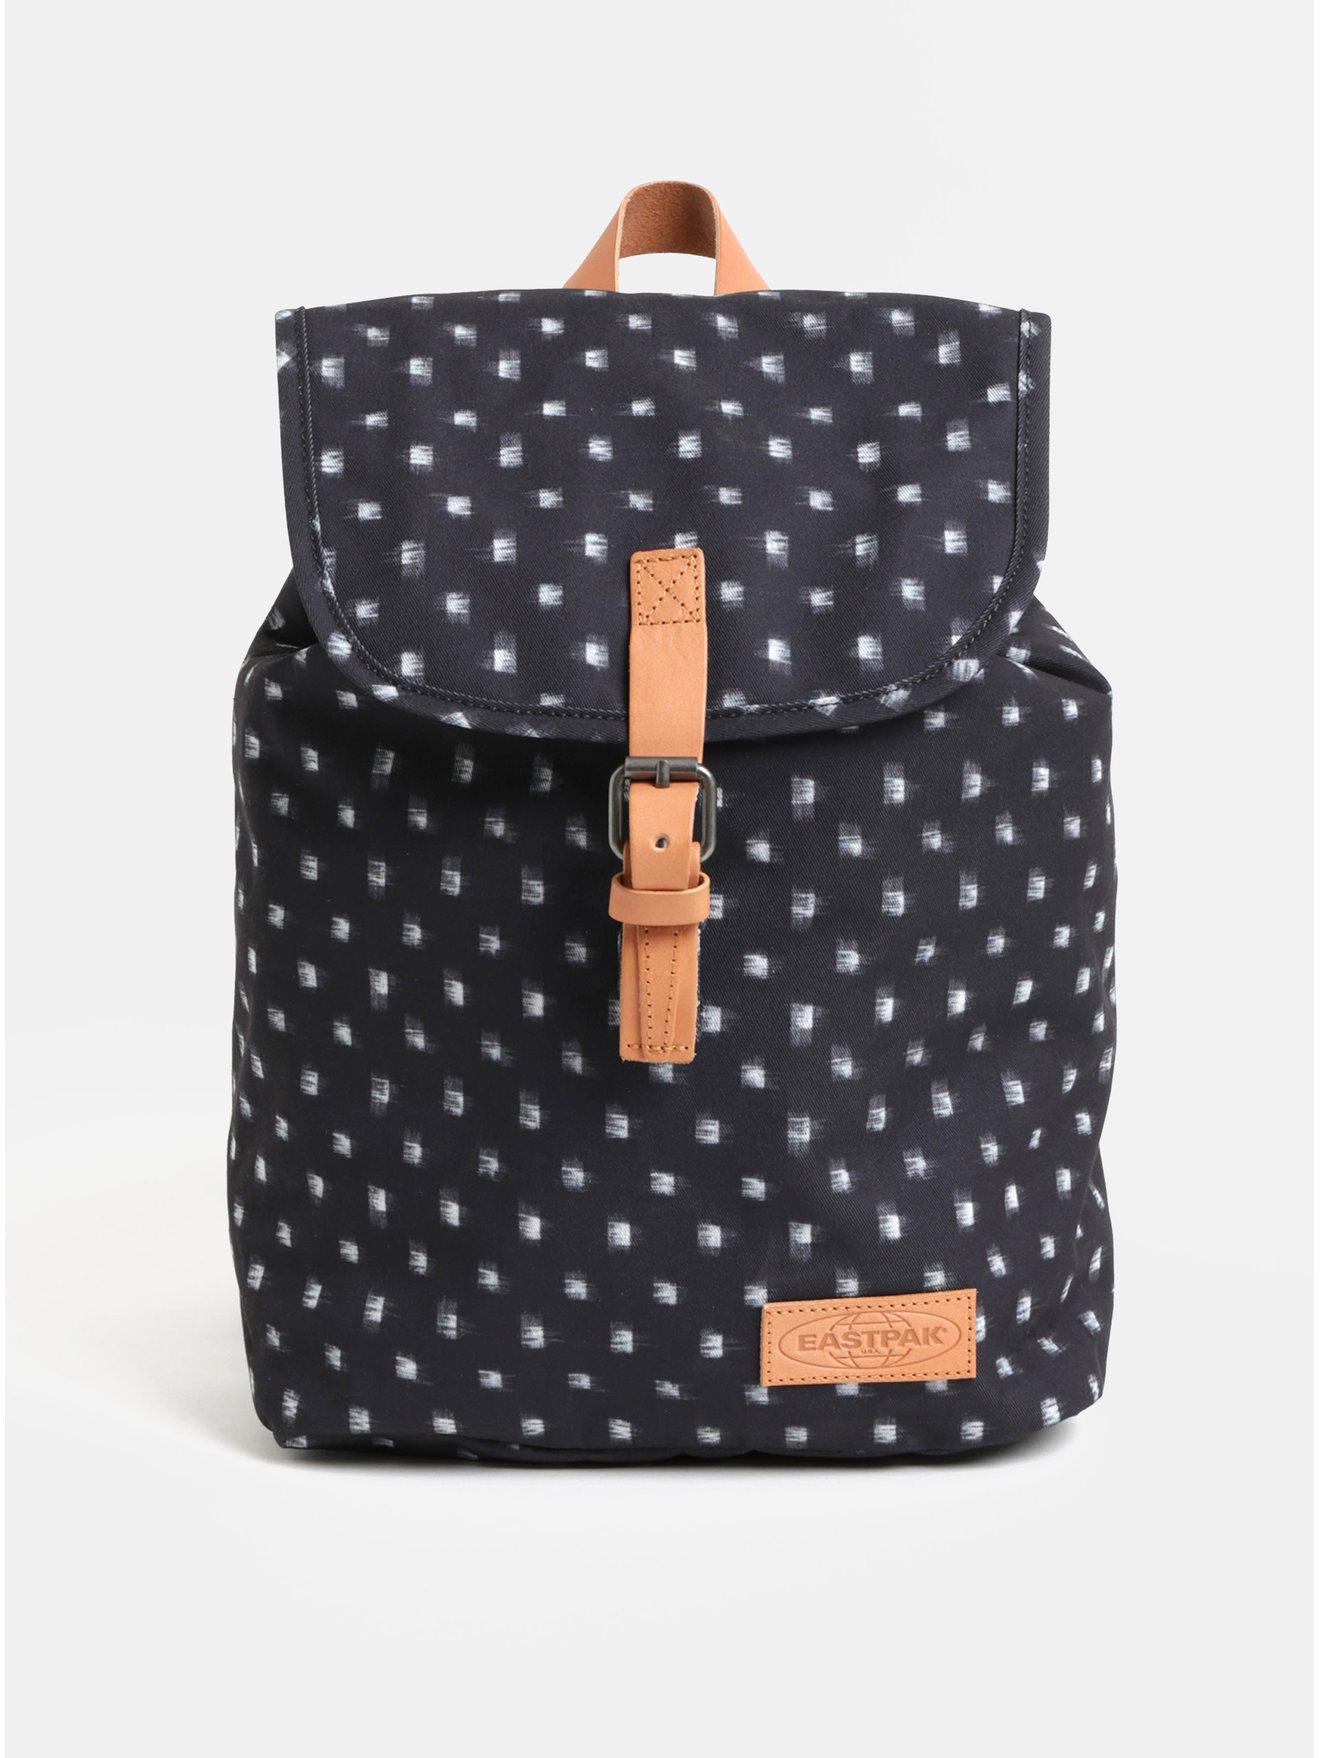 Tmavě šedý dámský vzorovaný batoh s koženými detaily Eastpak Aminimal 10.5 l